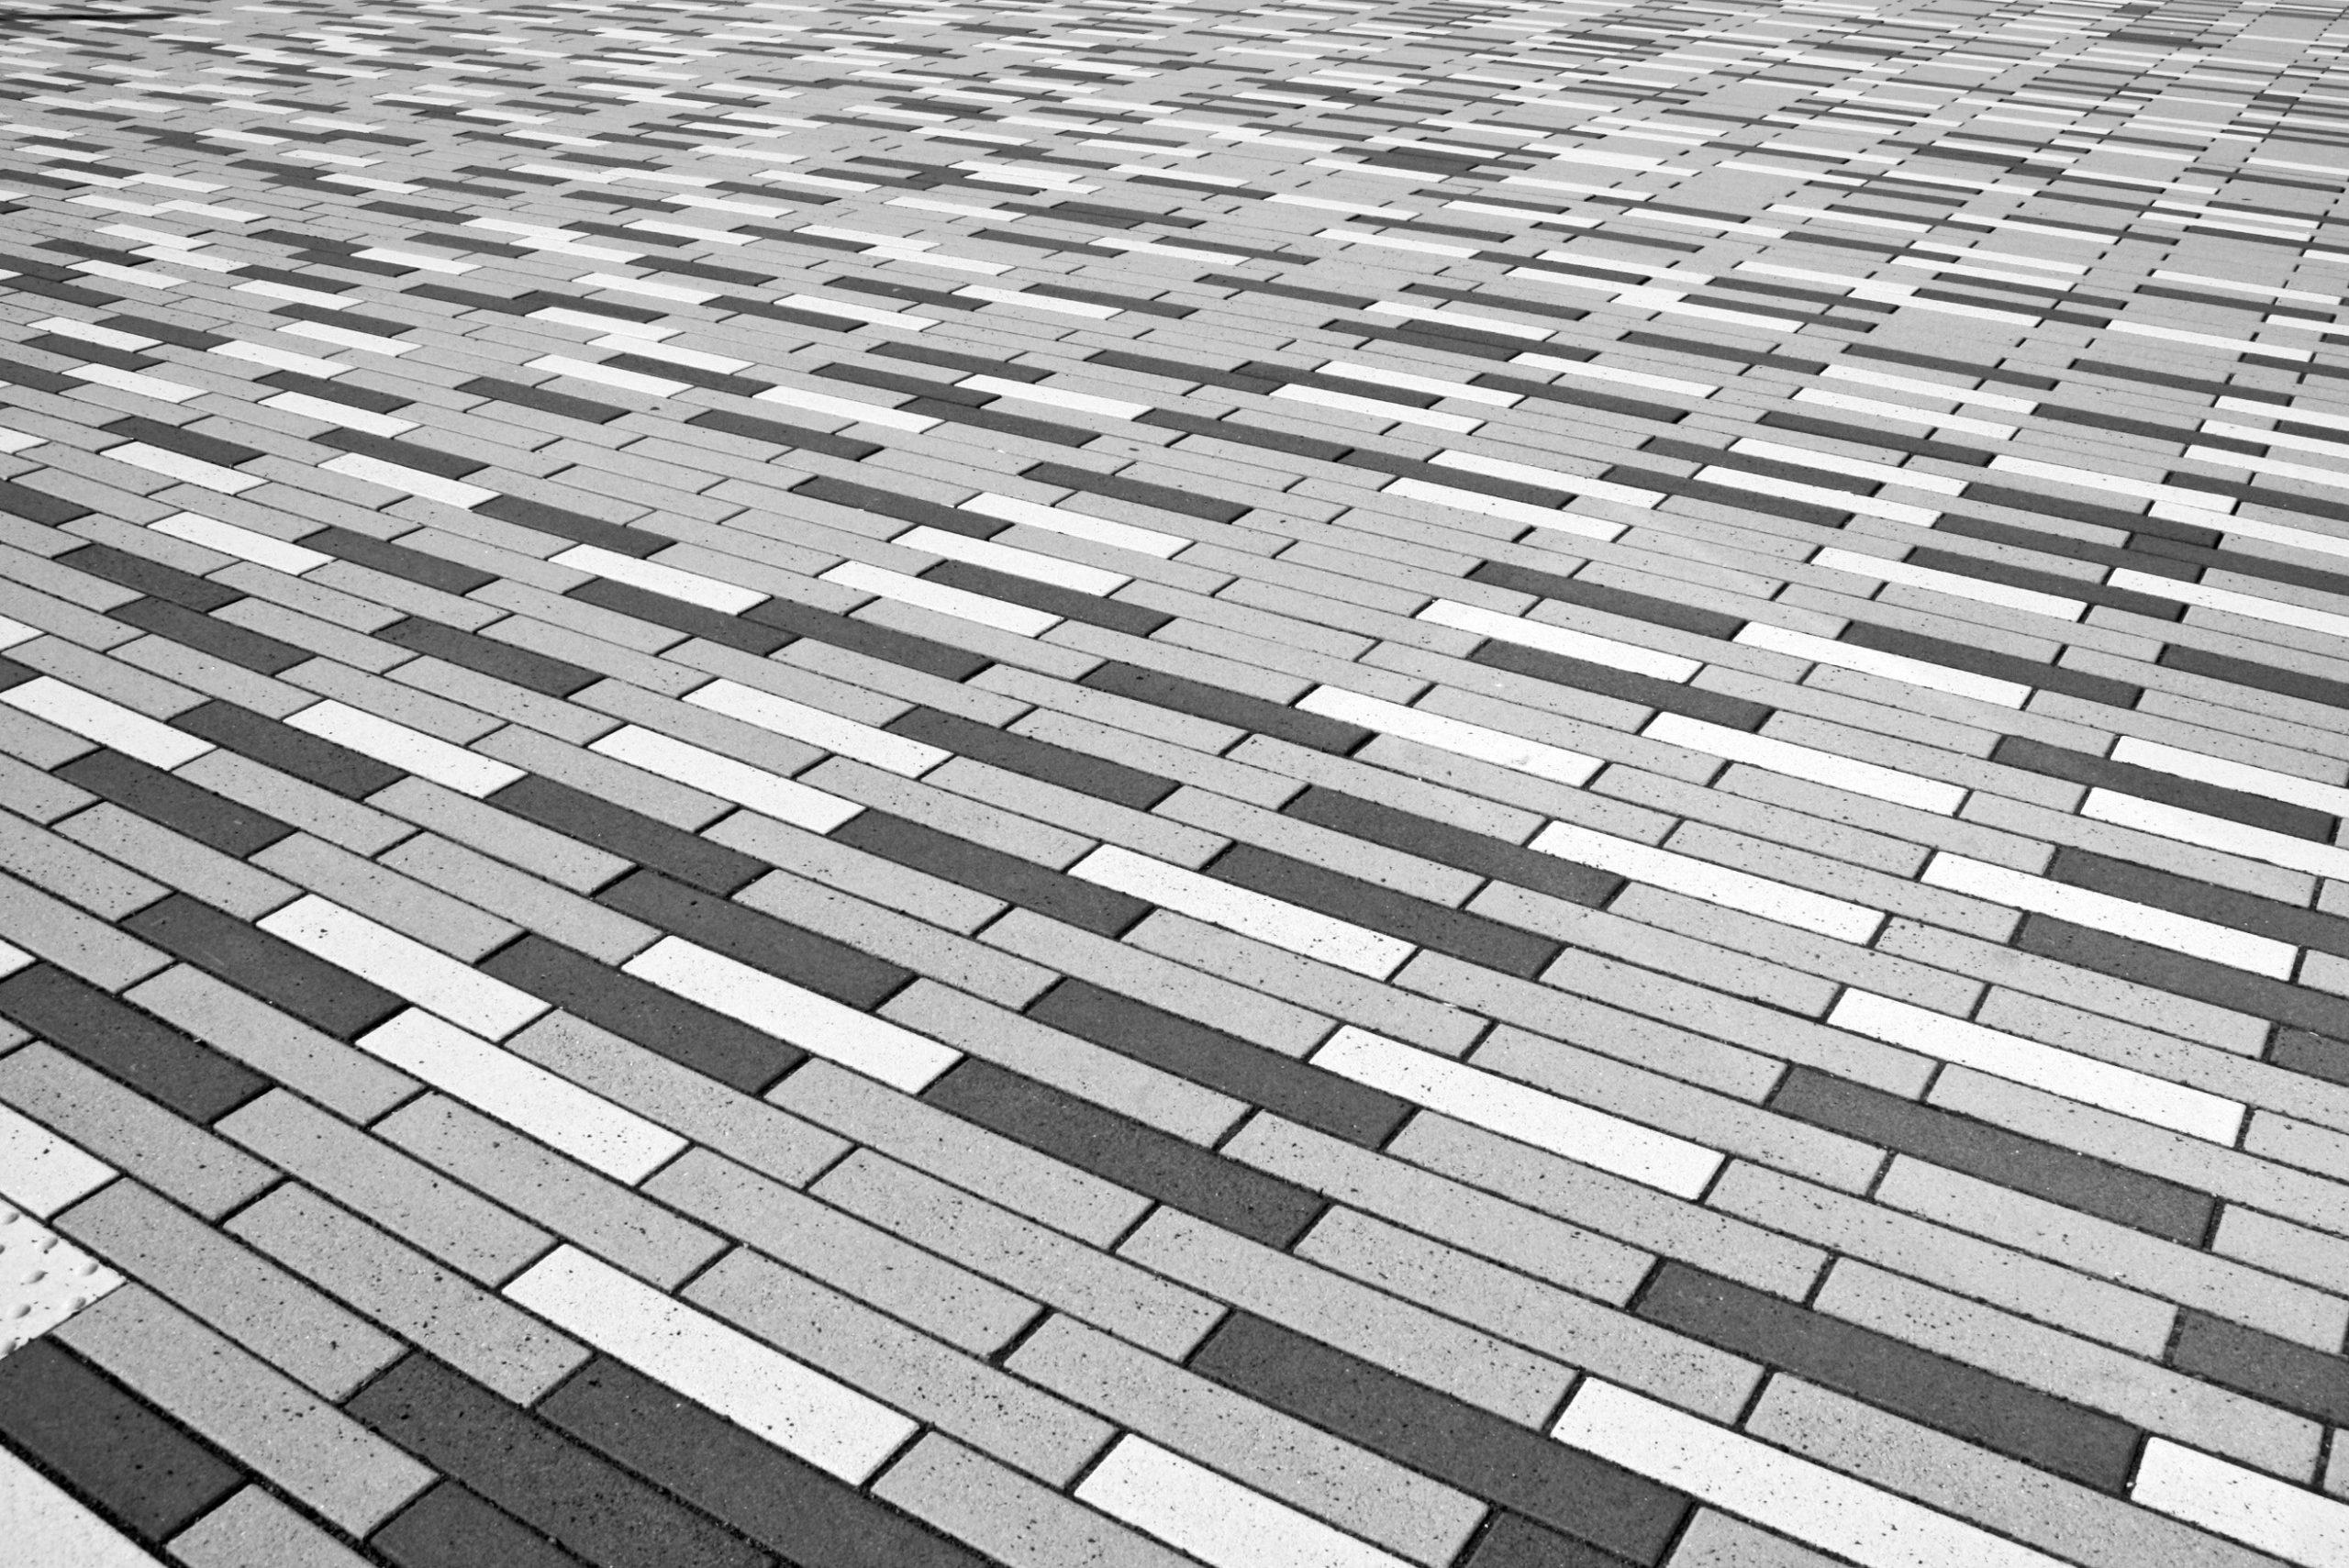 grey and white interlocking bricks